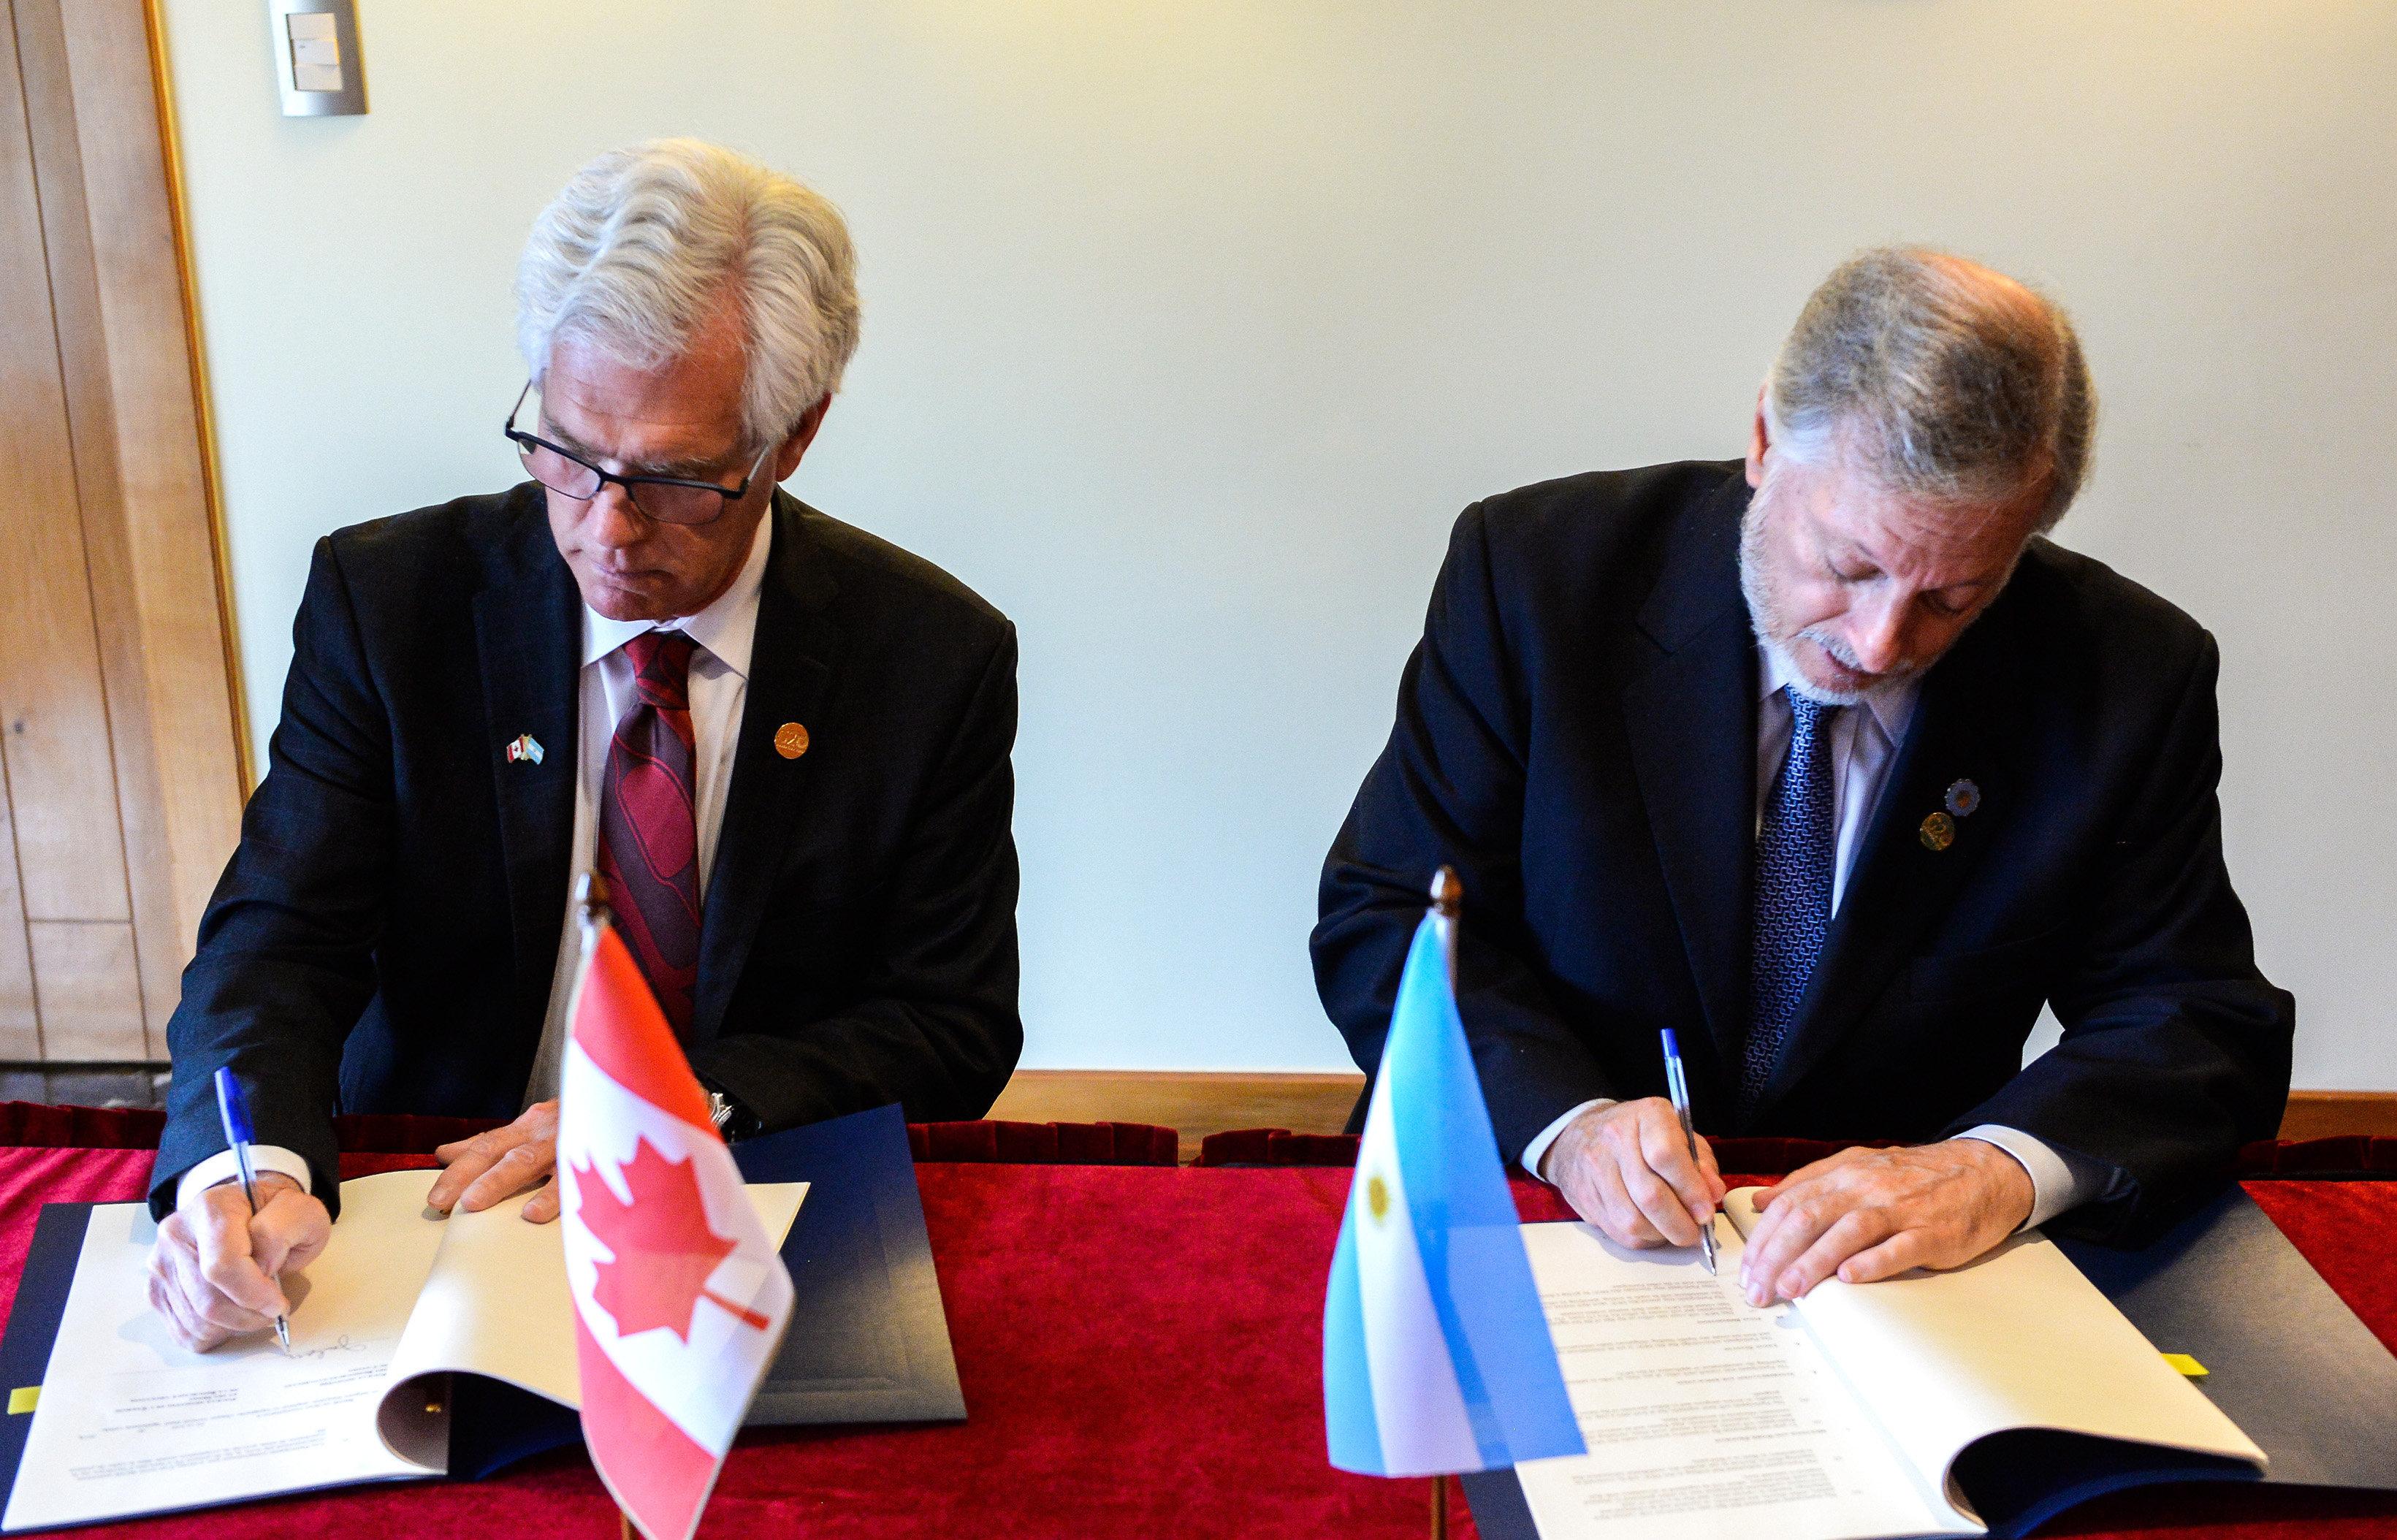 El ministro argentino de Energía y Minería, Juan José Aranguren, y su par canadiense James Gordon Carr, ministro de Recursos Naturales, firman acuerdos 14 de junio de 2018